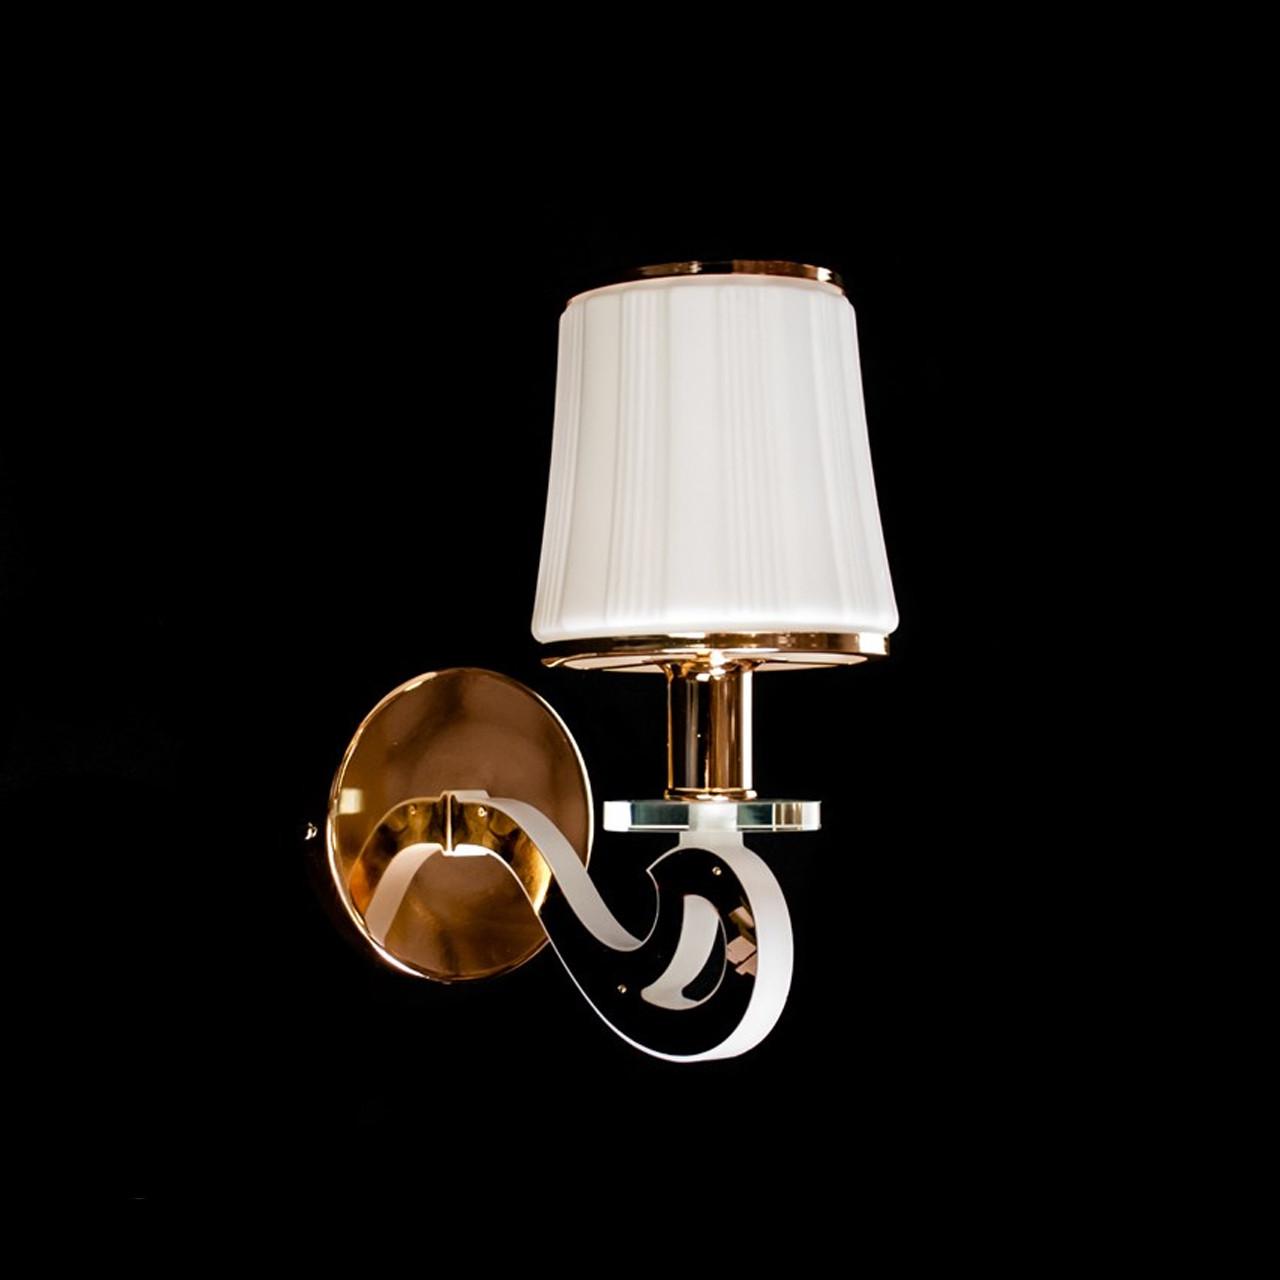 Бра в стиле современной классики на 1 лампочку с LED подсветкой рожков СветМира D-9442/1G